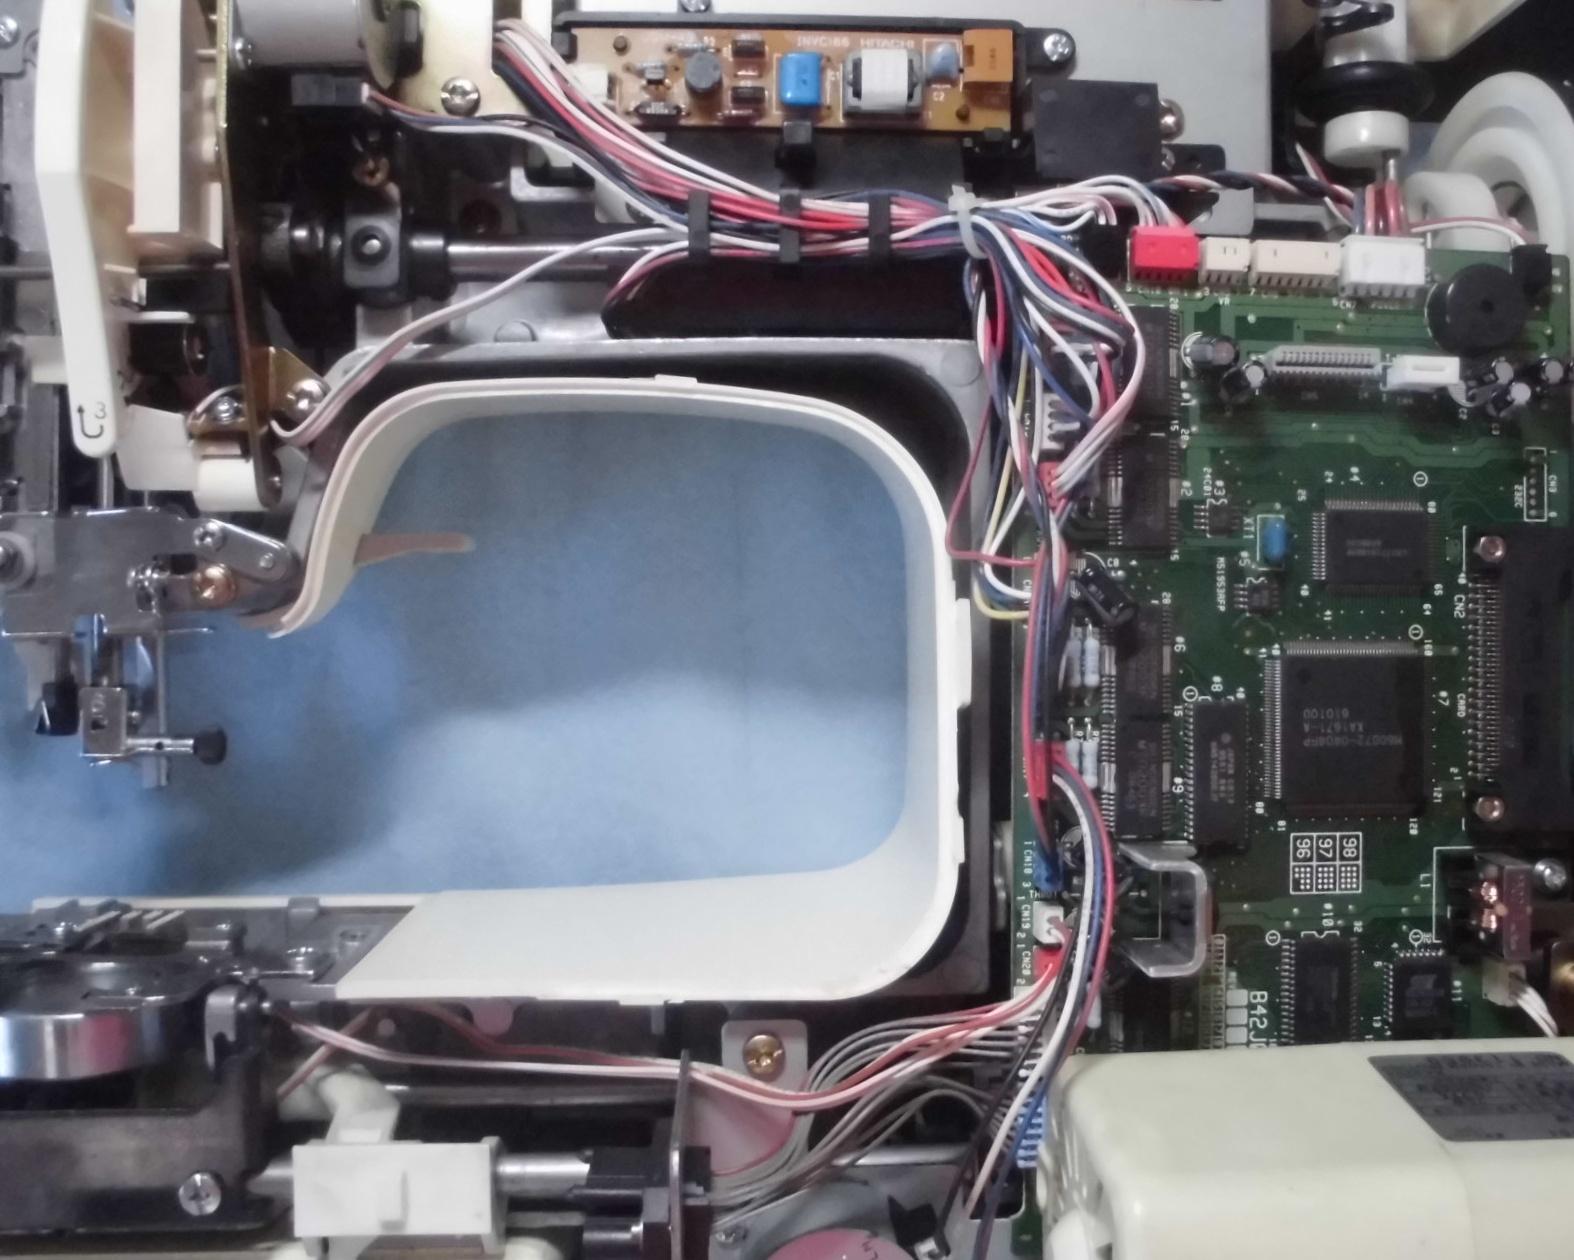 M-7000 ZZ3-B980の分解オーバーホールメンテナンス修理 ブラザーミシン